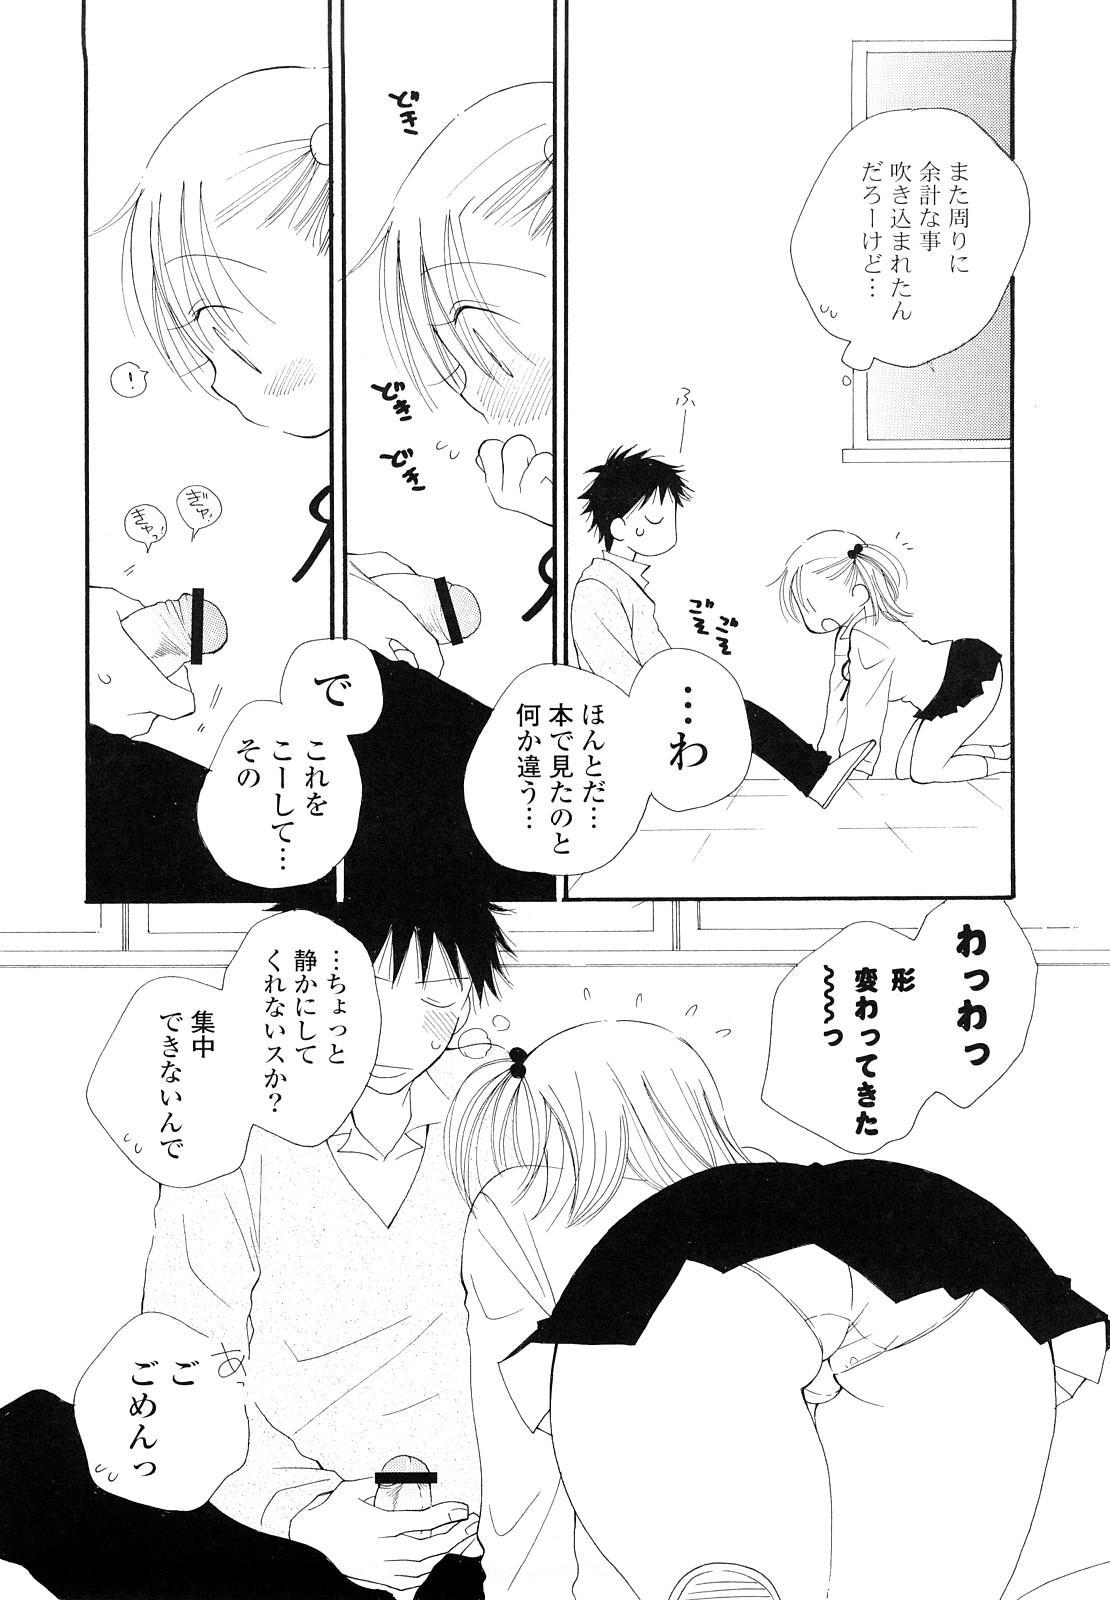 Houkago Nyan Nyan 122